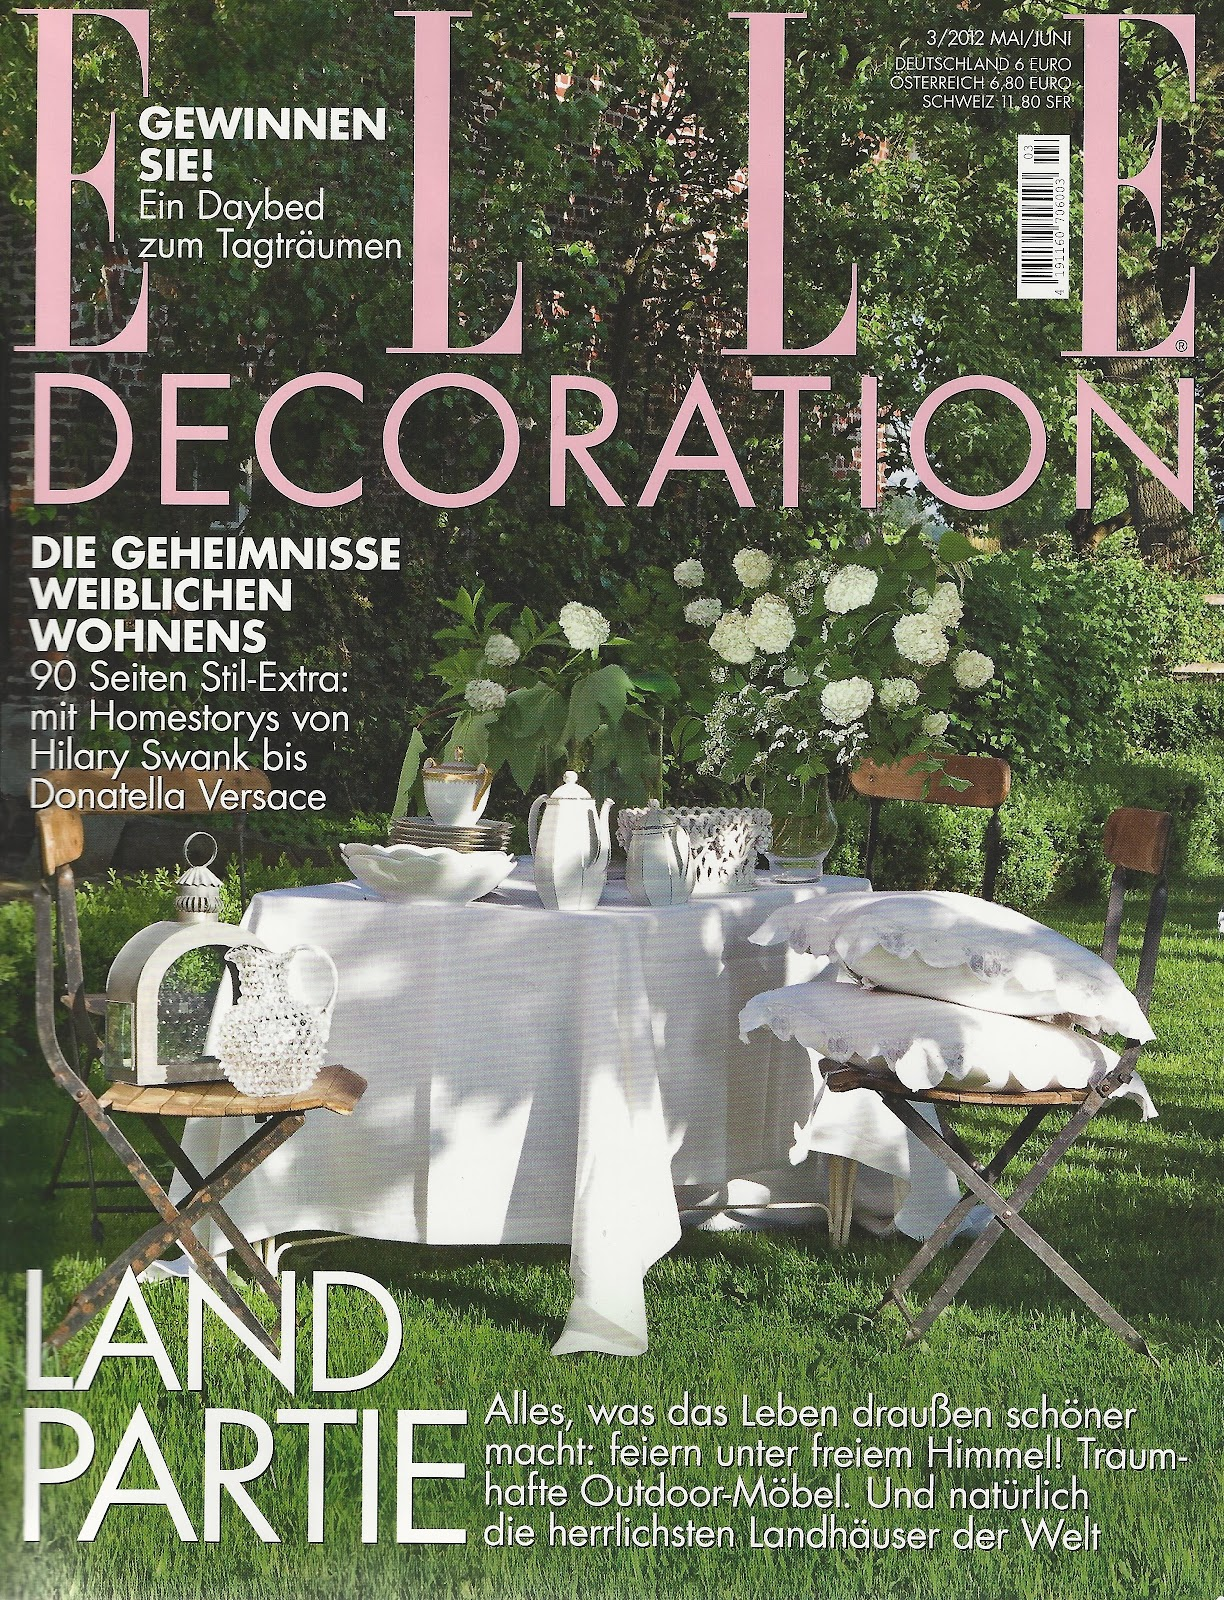 Casa olivi elle decoration germany june 2012 for Elle decoration germany